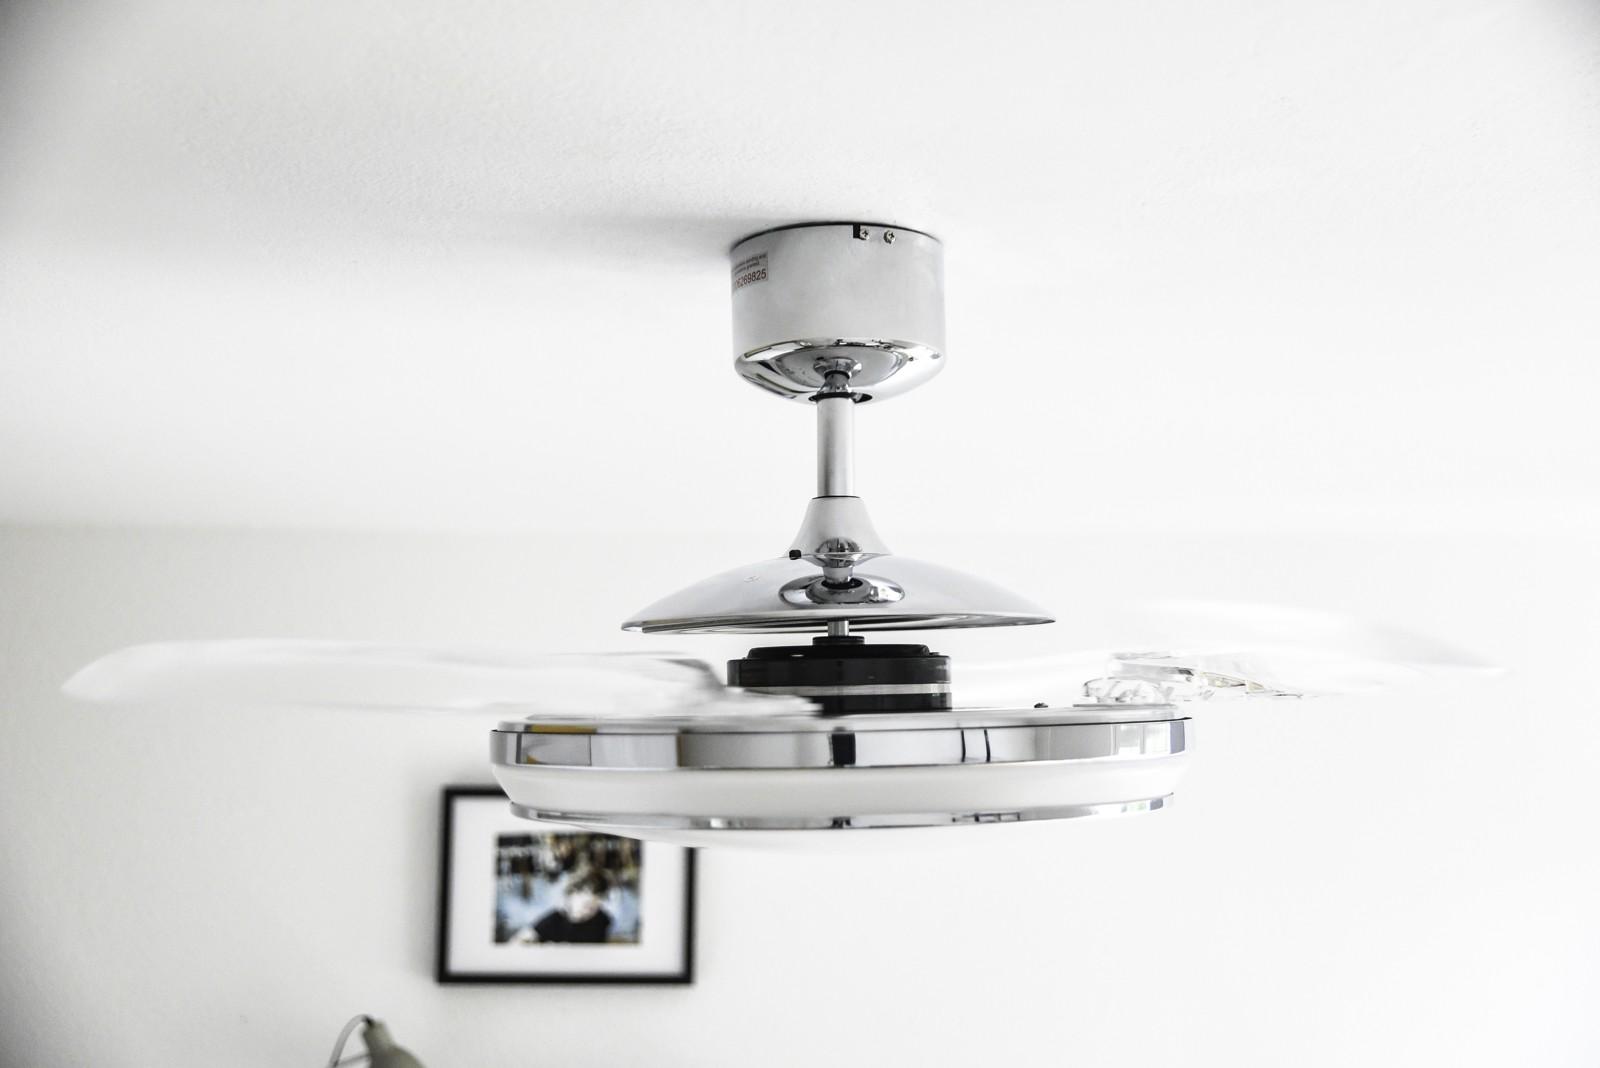 Fanaway LED EVO1